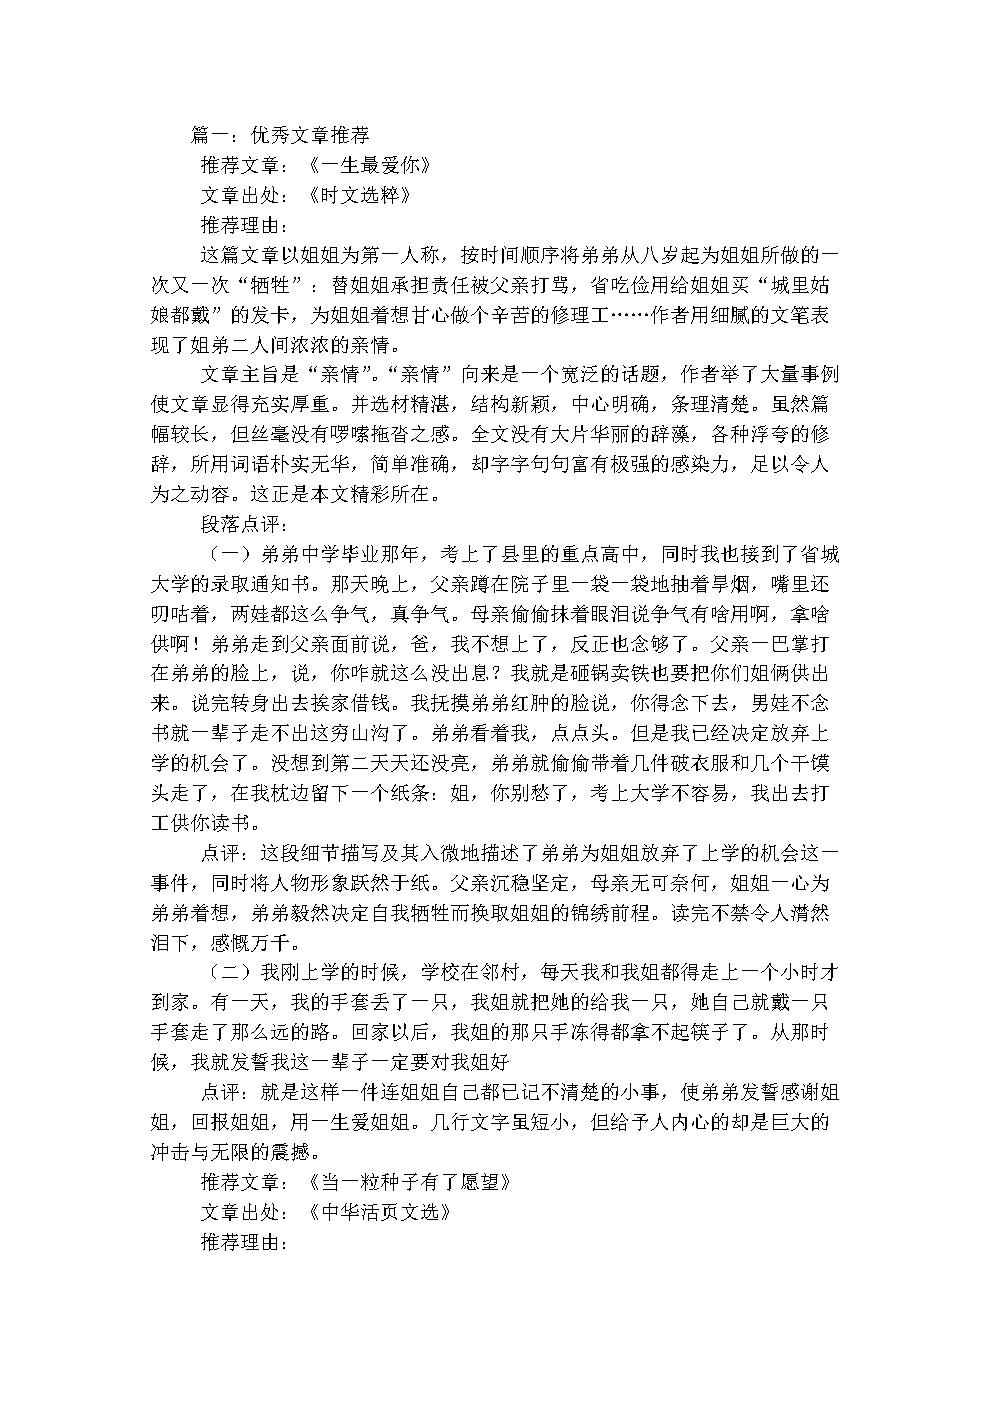 老乡情-关泽楠(MP3歌词/LRC歌词) lrc歌词下载 第1张